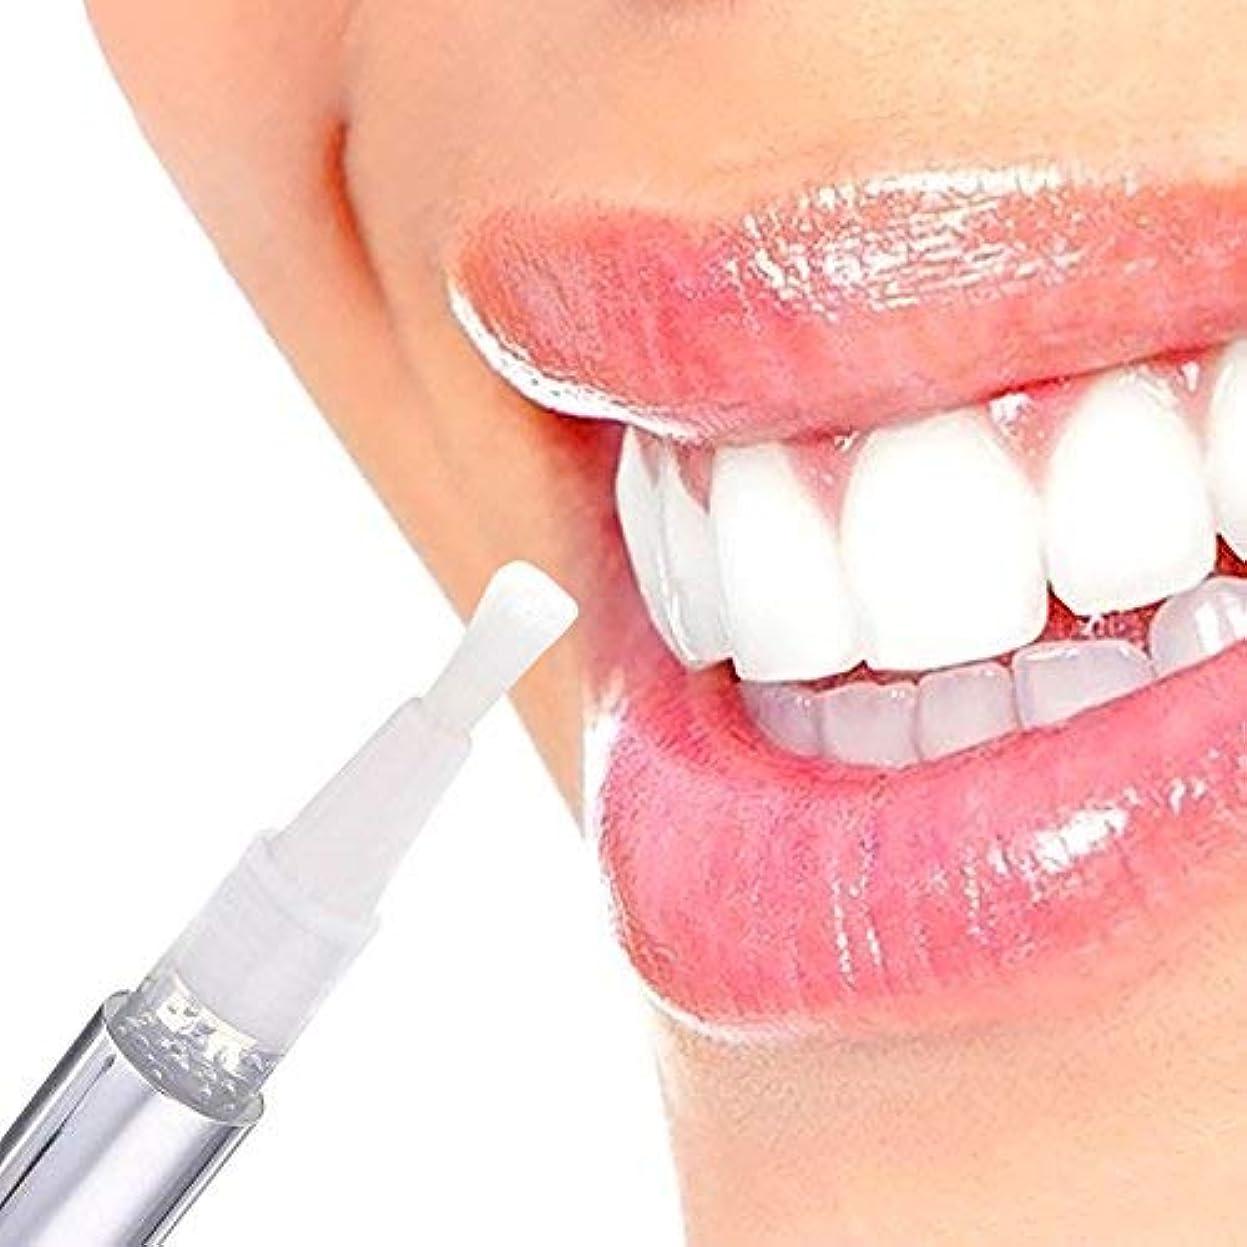 堀夫婦見る人Nat 1PCS Hot Creative Effective Teeth Whitening Pen Tooth Gel Whitener Bleach Stain Eraser Sexy Celebrity Smile...